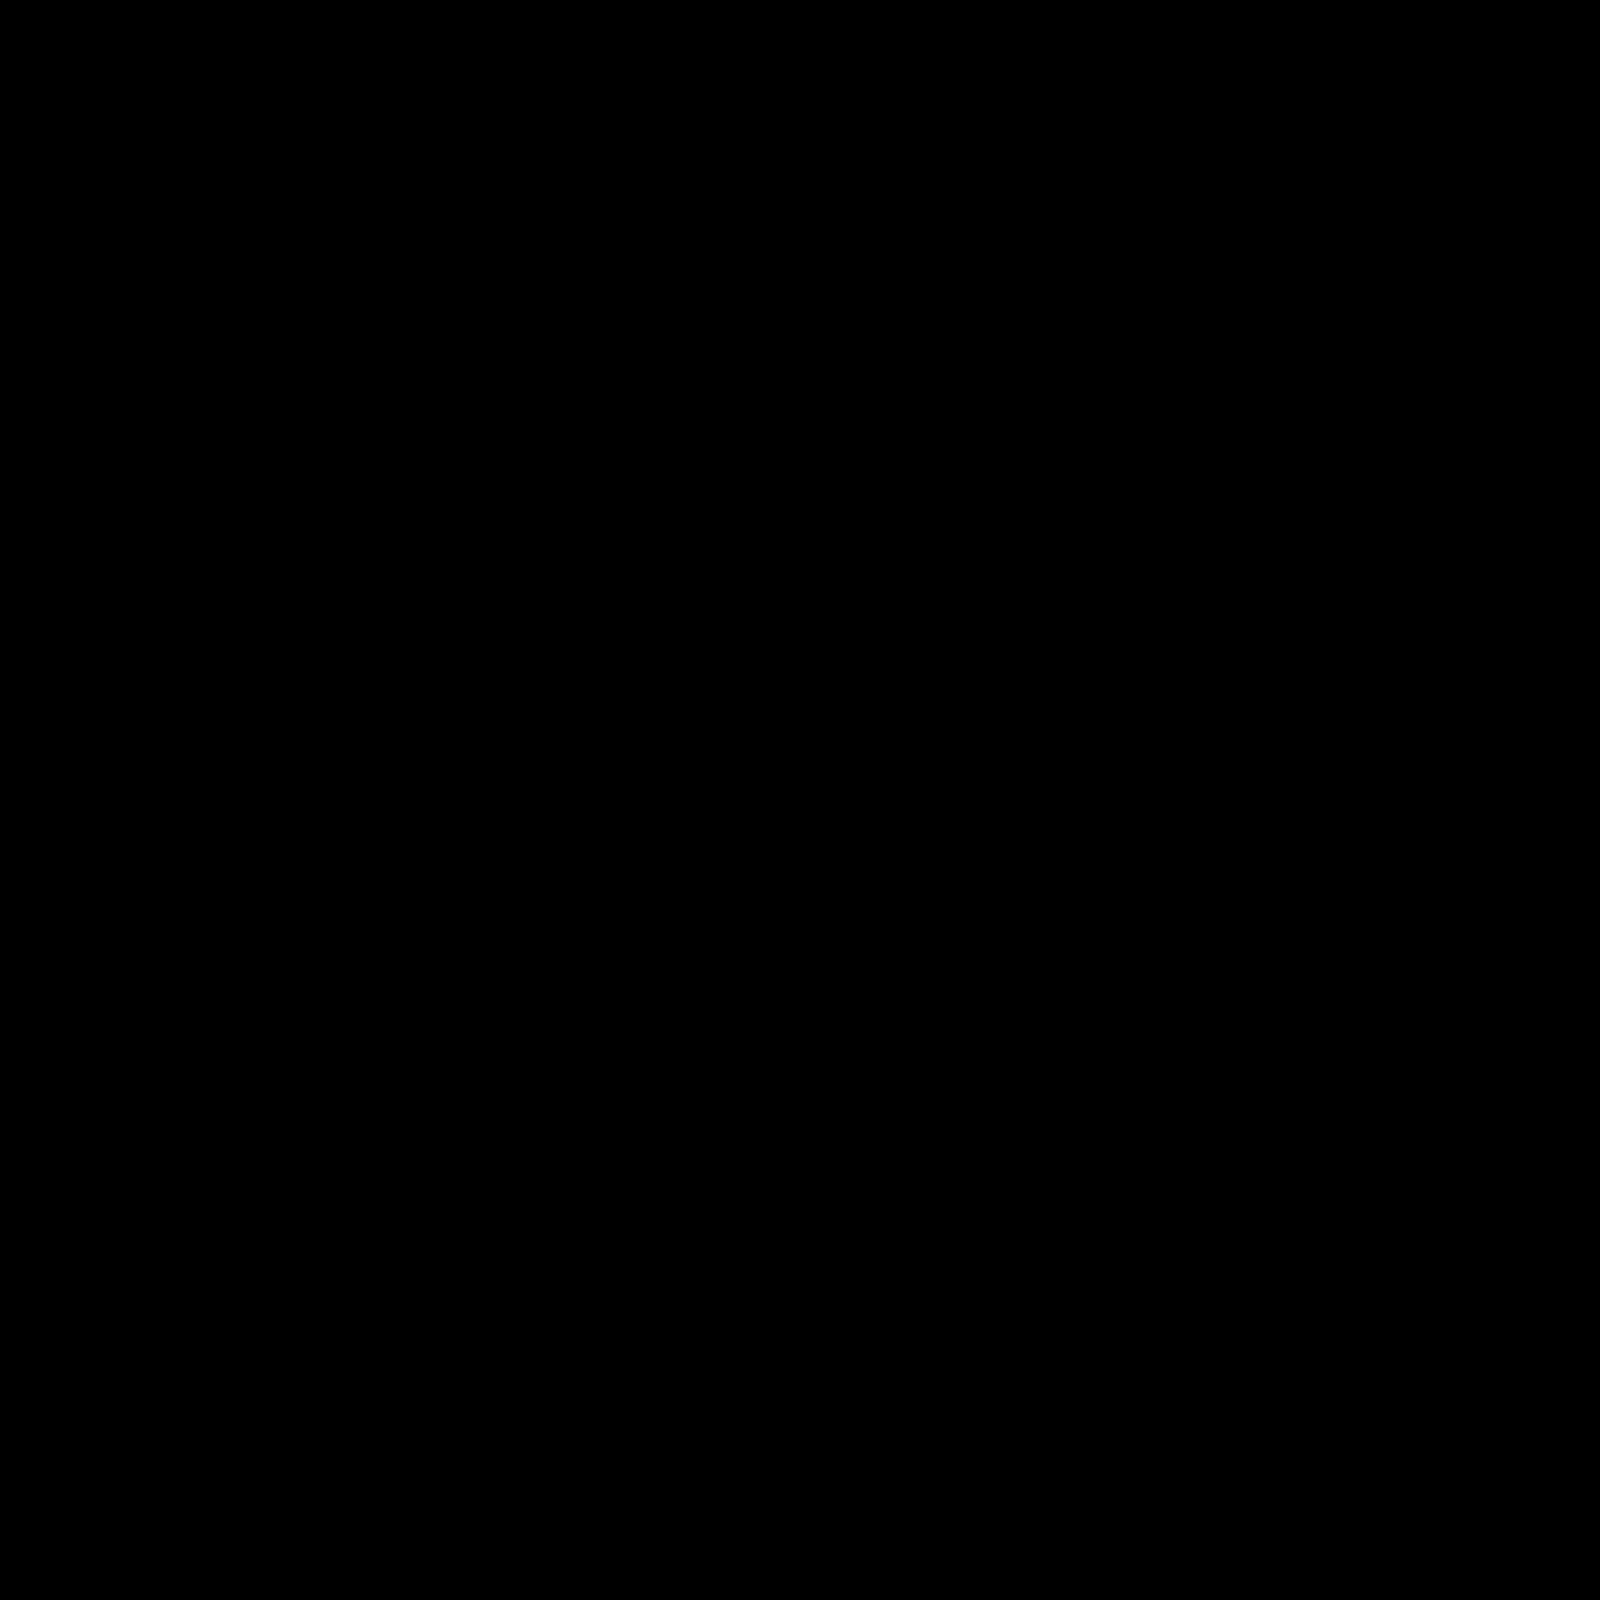 Corrosion icon